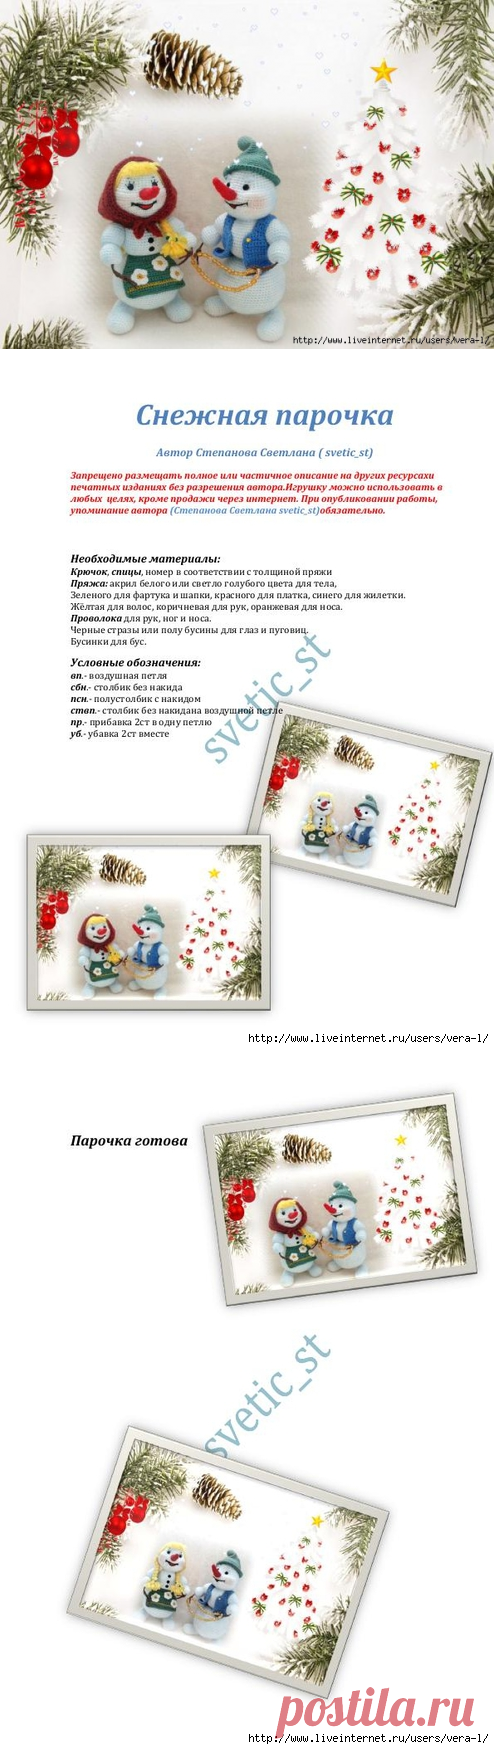 Снежная парочка. Автор Степанова Светлана ( svetic_st)